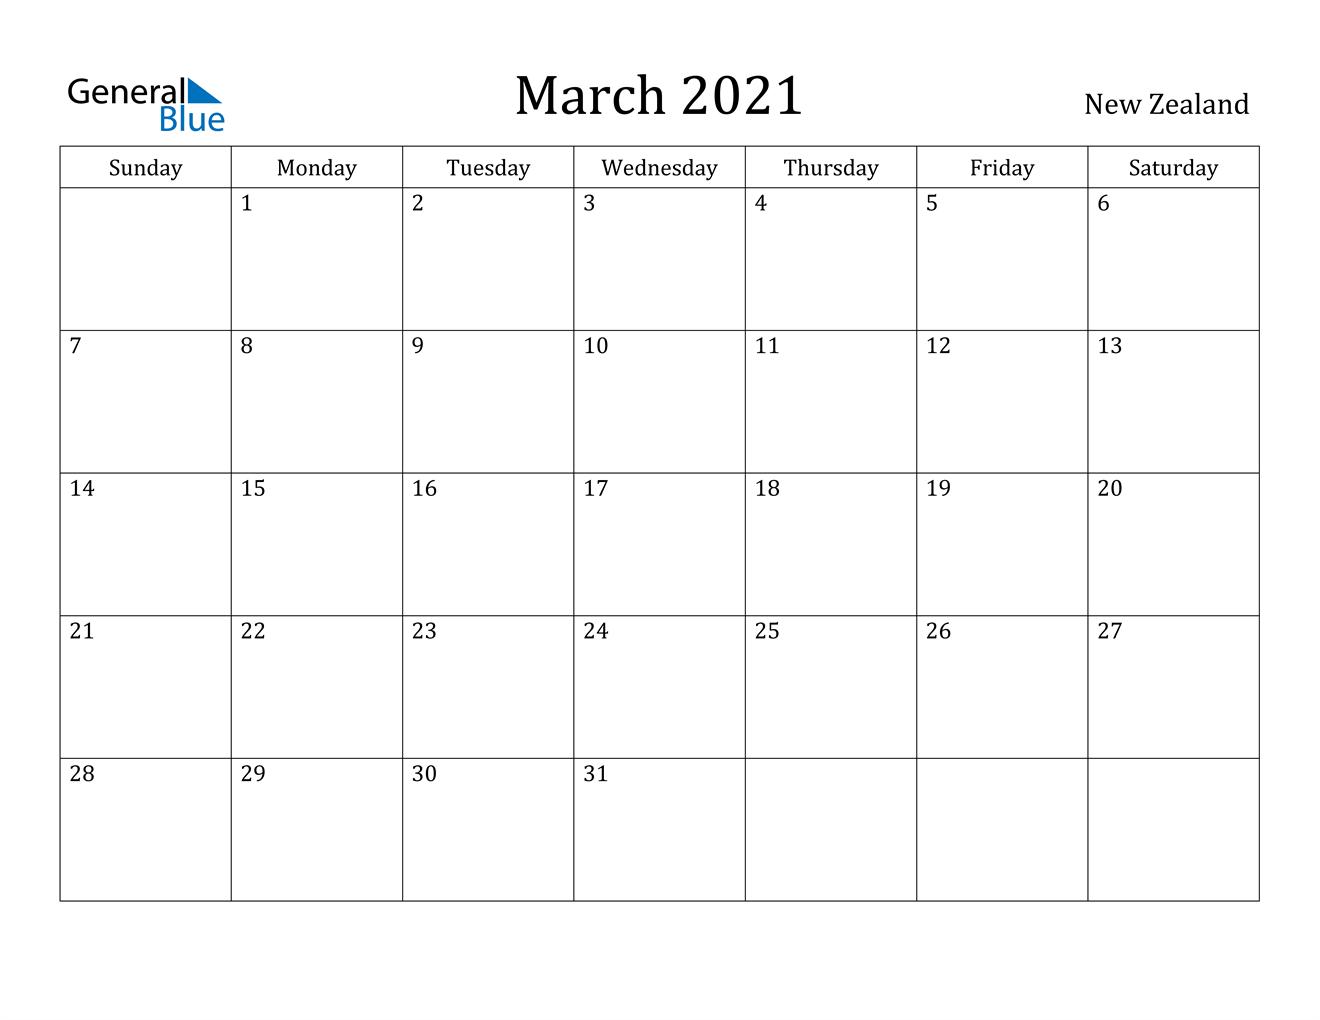 March 2021 Calendar - New Zealand